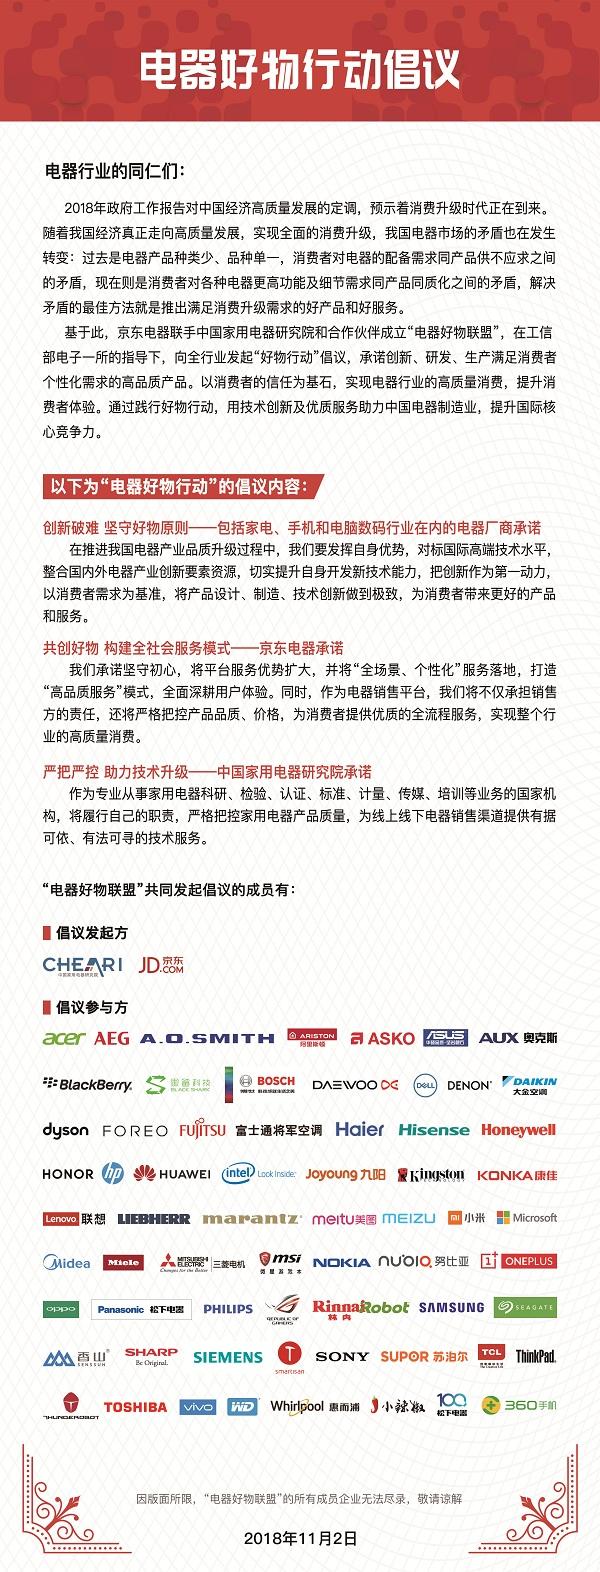 """京东发起""""电器好物行动""""倡议,助推行业高质量消费"""